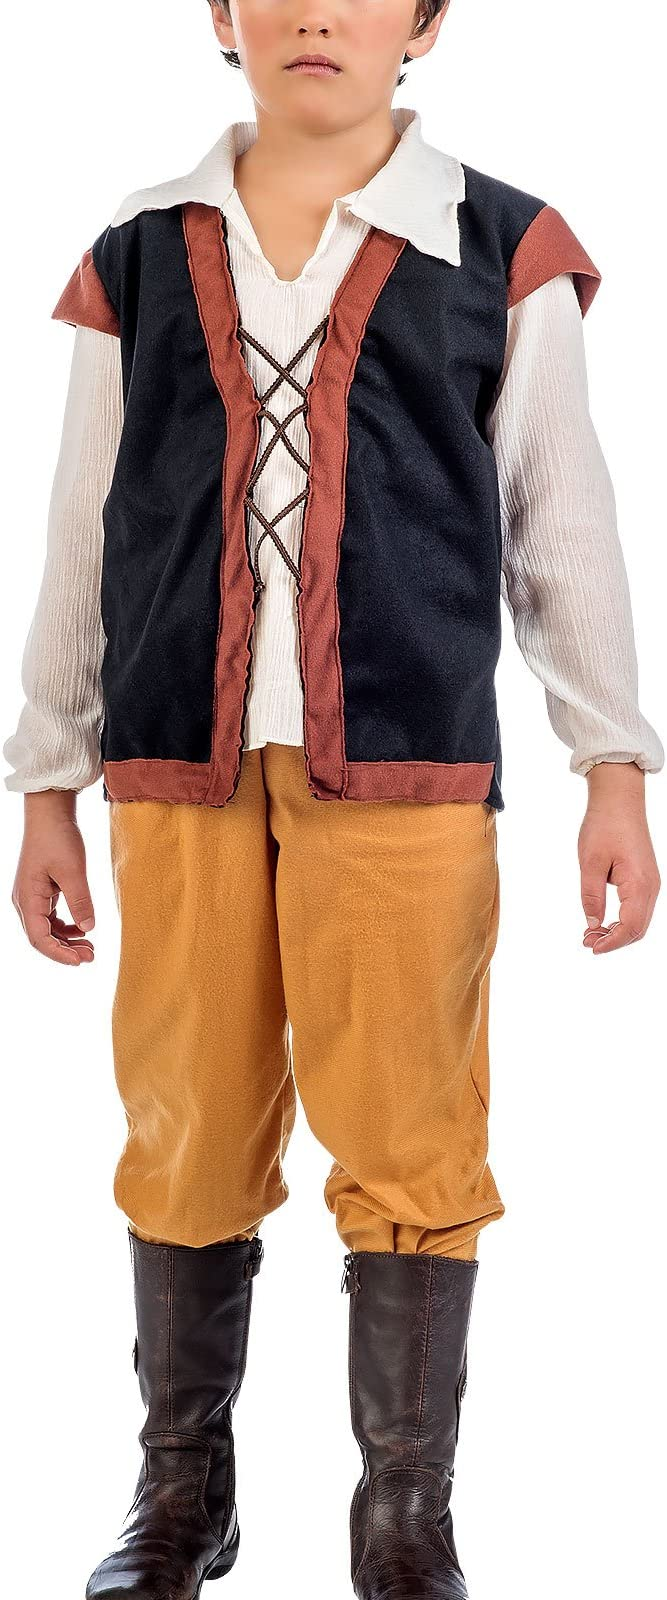 Elbenwald Traje Medieval Bauer 2 pcs. Bragas de la Camisa con Chaleco: Amazon.es: Juguetes y juegos